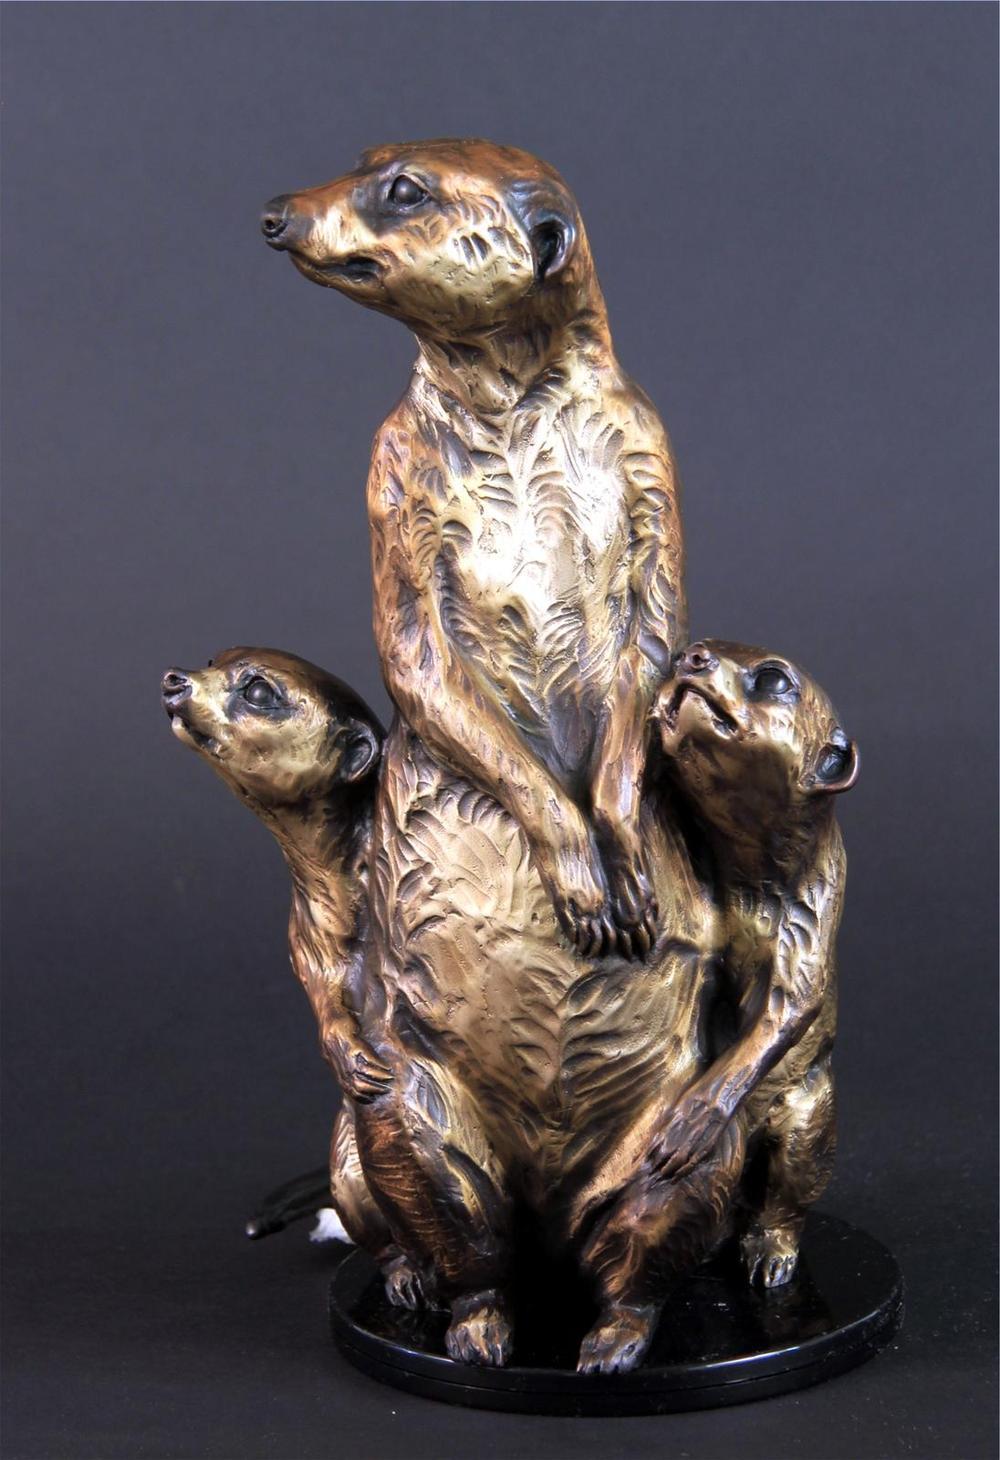 Meerkats - Audubon Zoo Meerkats Bronze Sculpture - Running Wild Studio Meerkat Sculptures New Orleans Audubon Meerkats